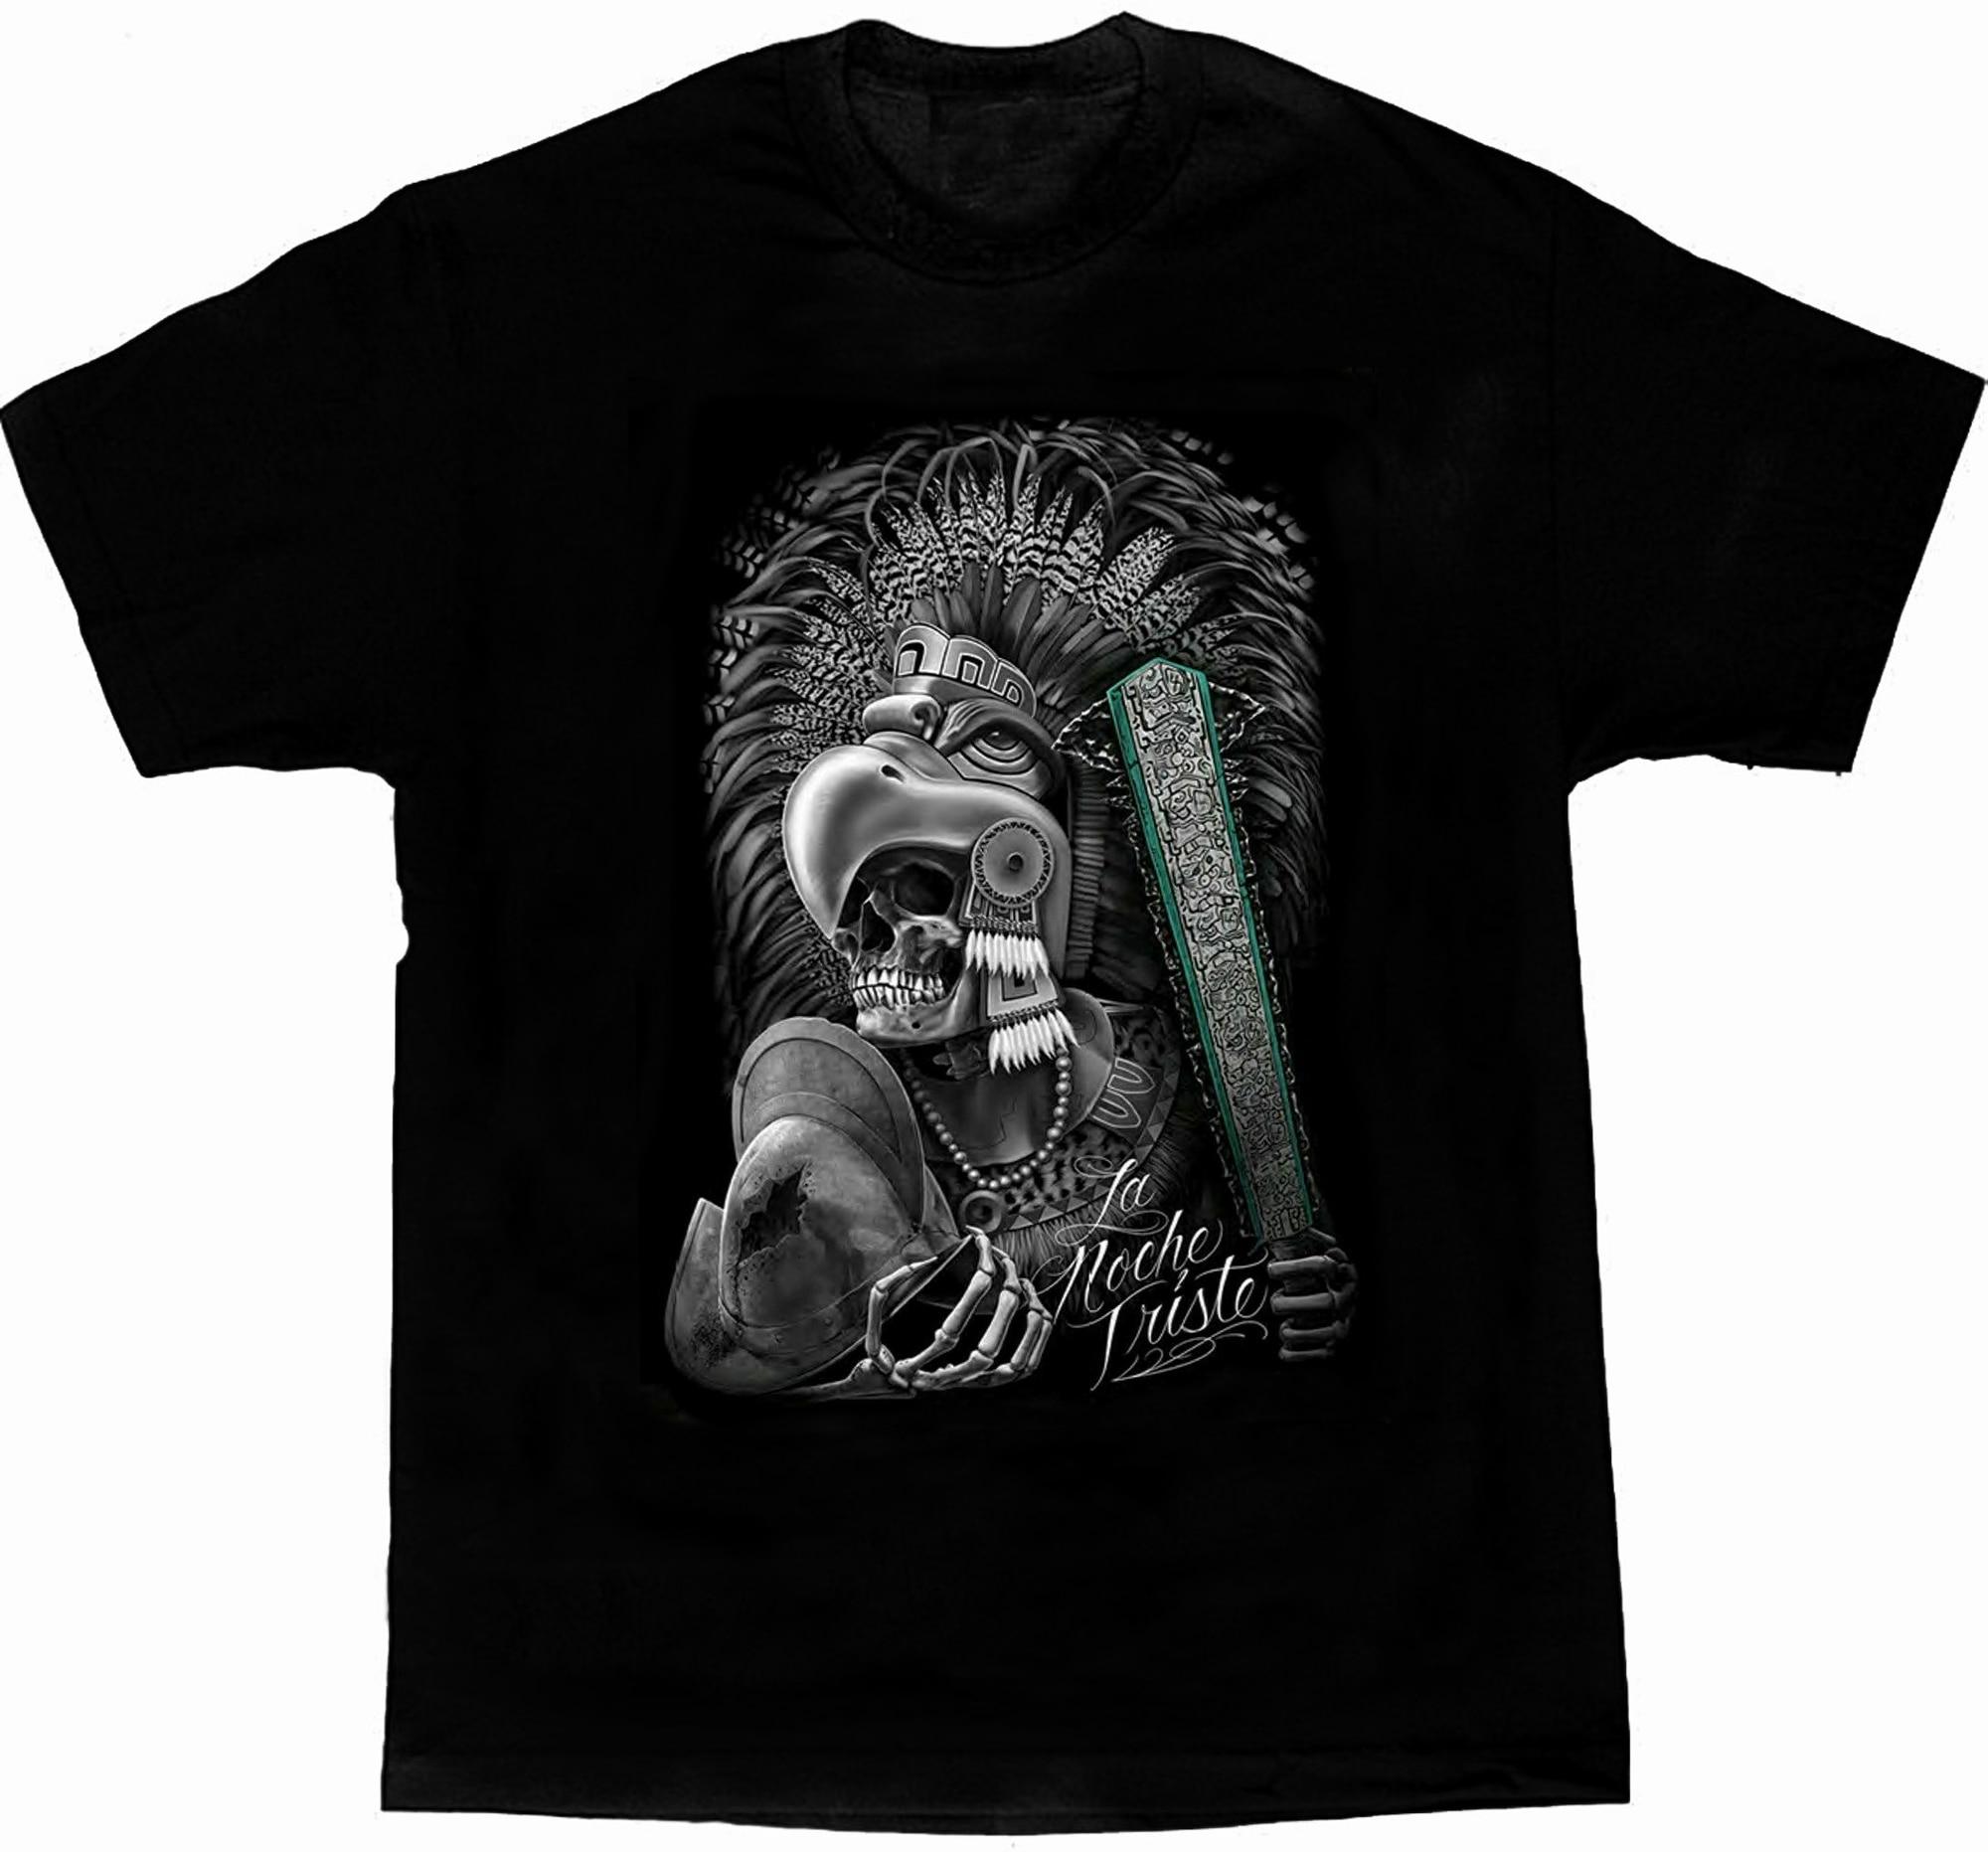 Lowrider chicano arte noche triste camiseta masculina verão algodão manga curta o pescoço unissex t camisa novo S-3XL